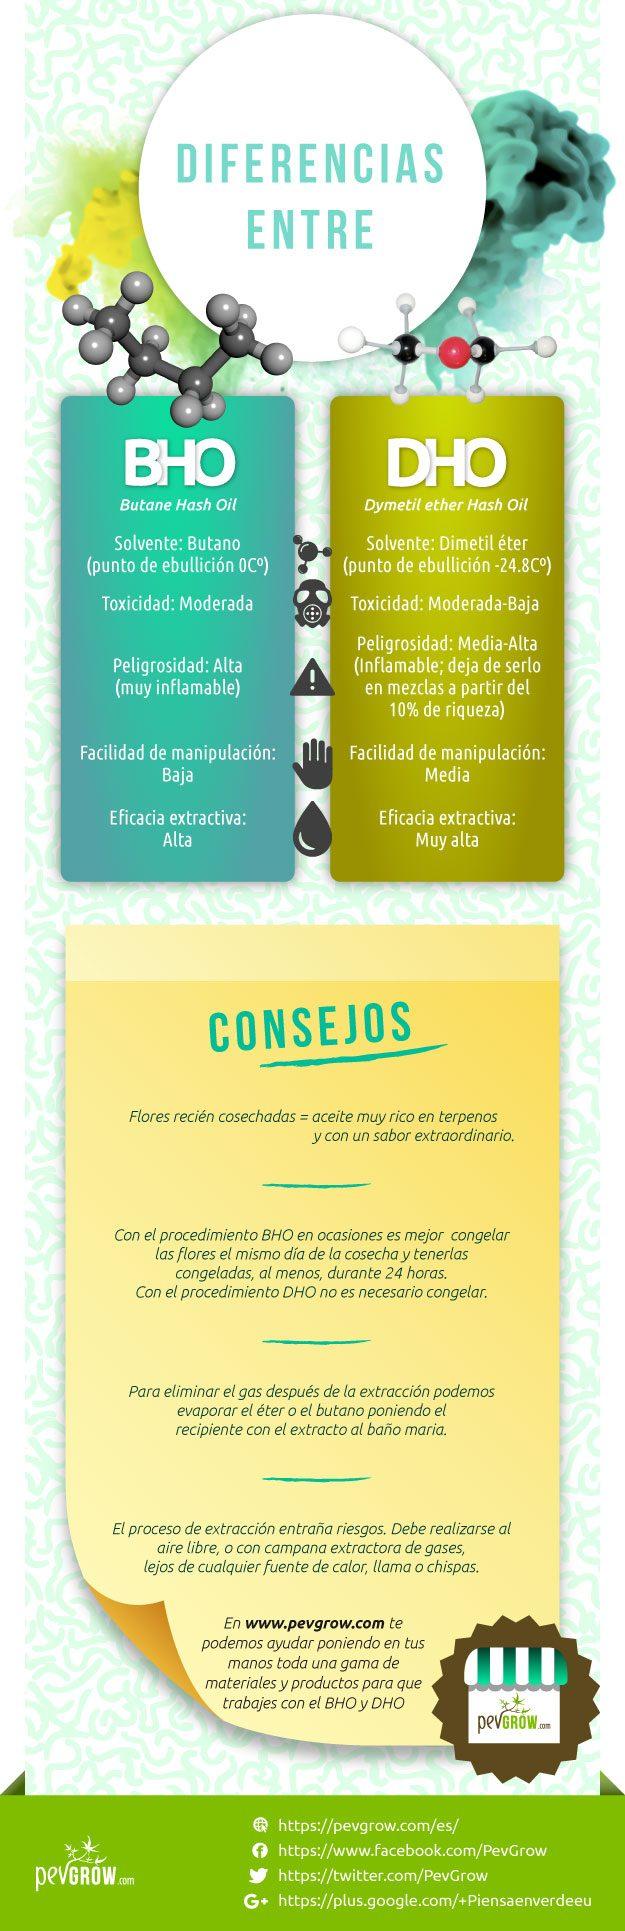 Infografia sobre las principales diferencias entre extracción BHO y DHO